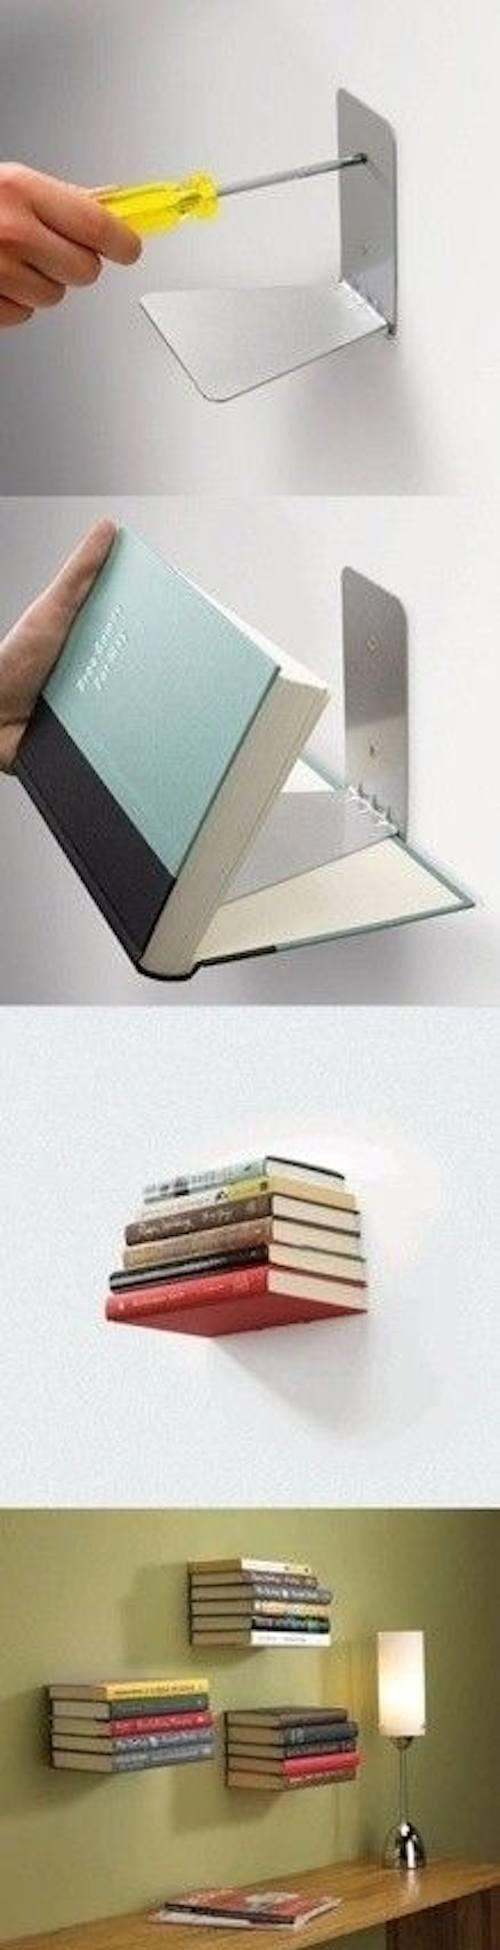 Fixez des étagères invisibles pour ranger vos livres.